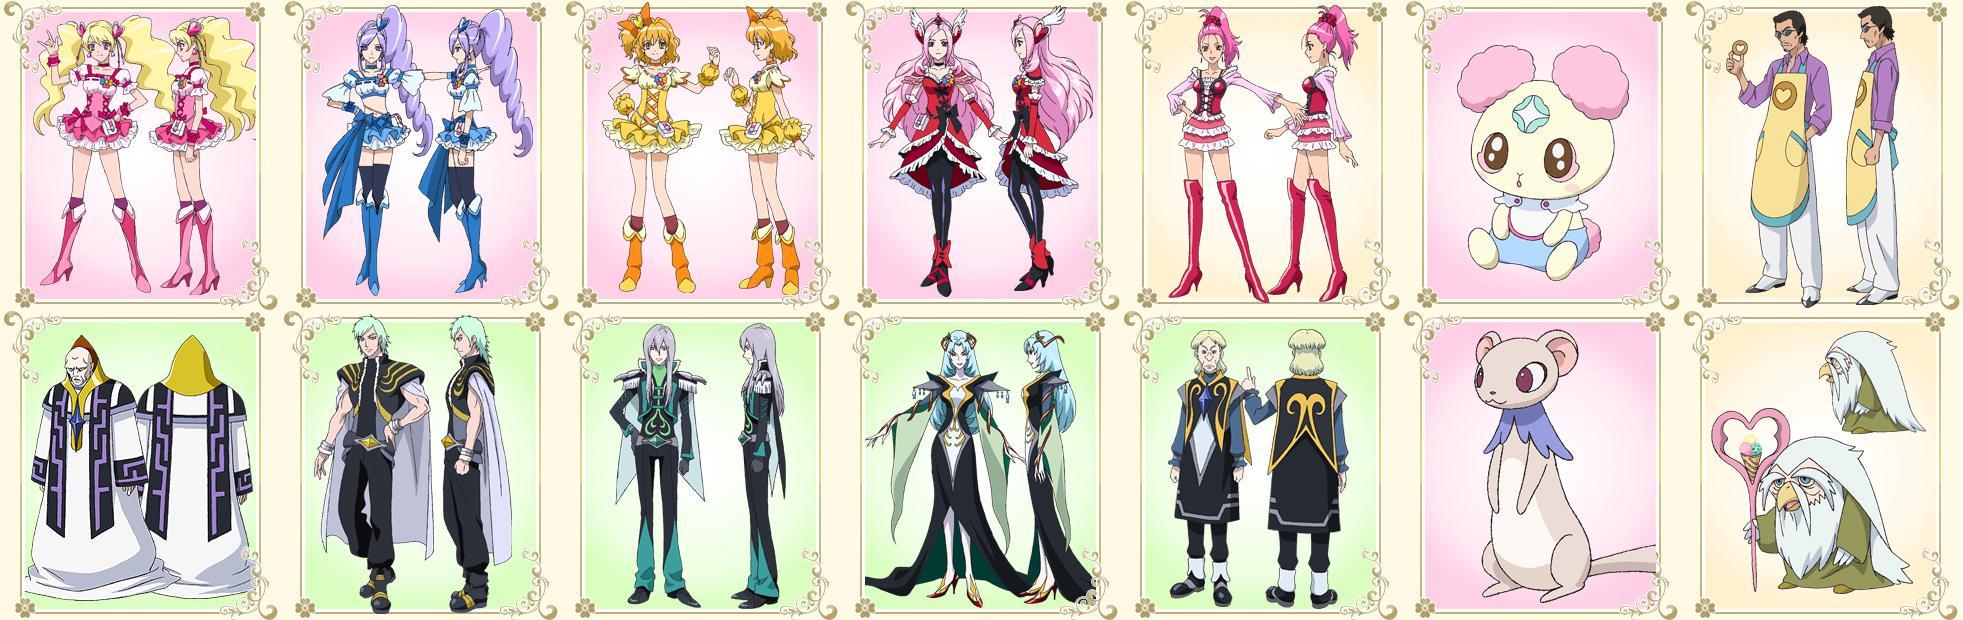 「フレッシュプリキュア!」主要登場キャラクター